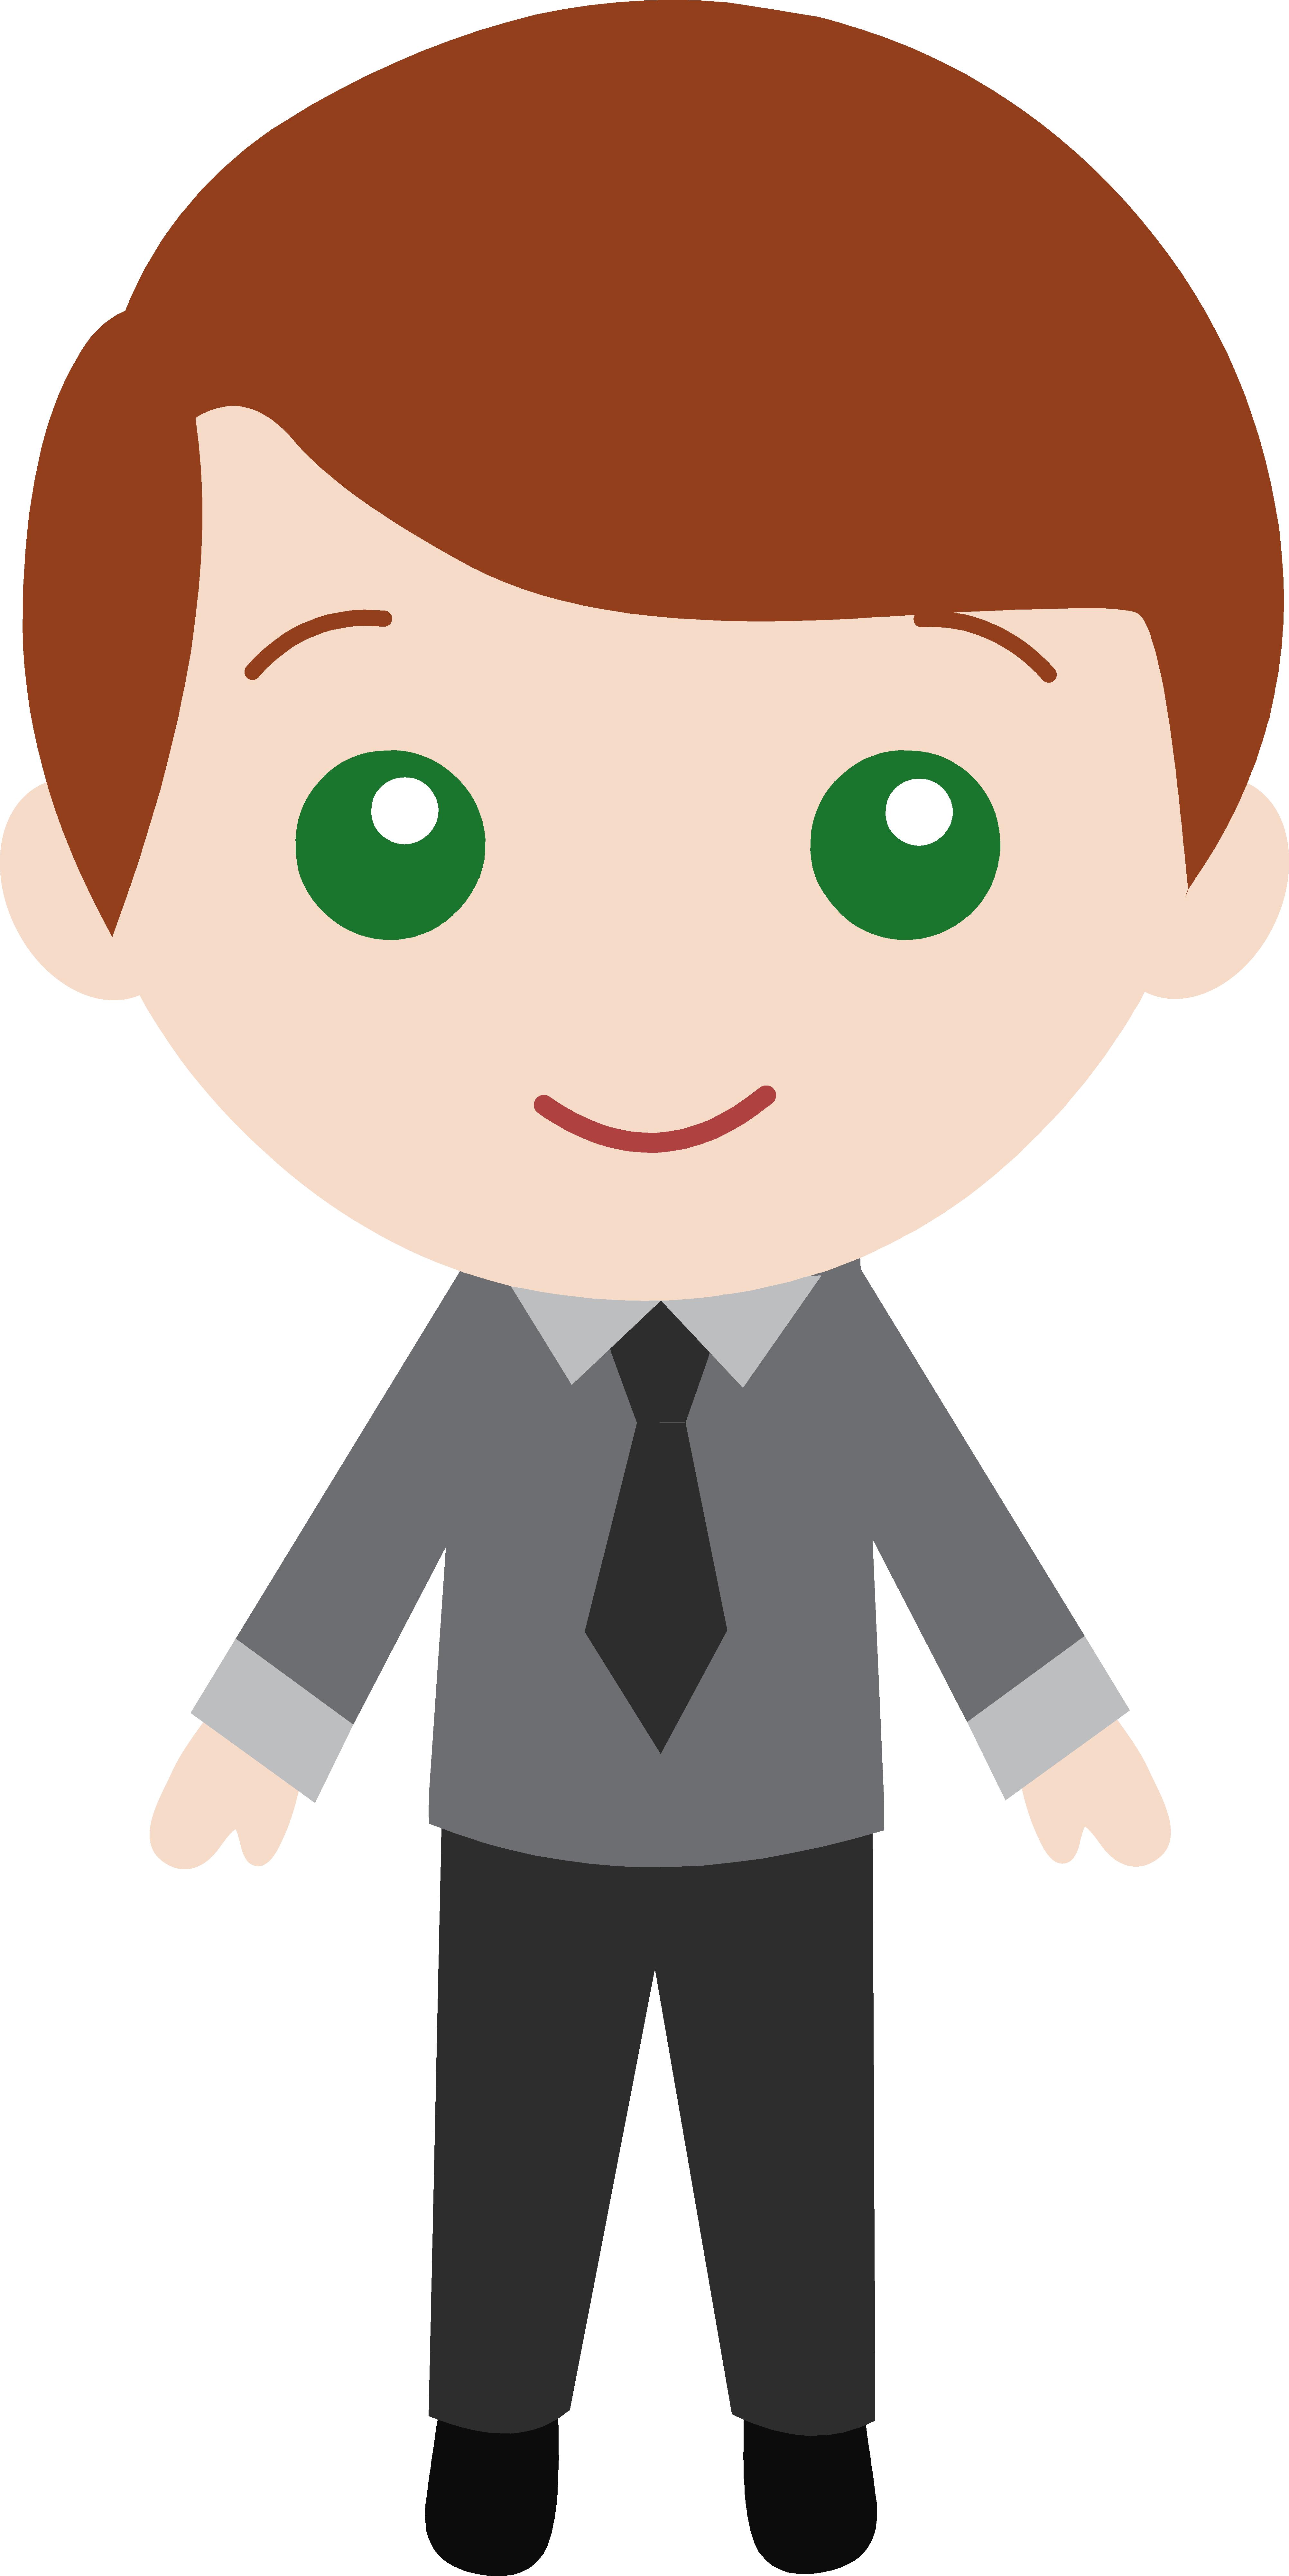 Little Guy Wearing a Suit 3.